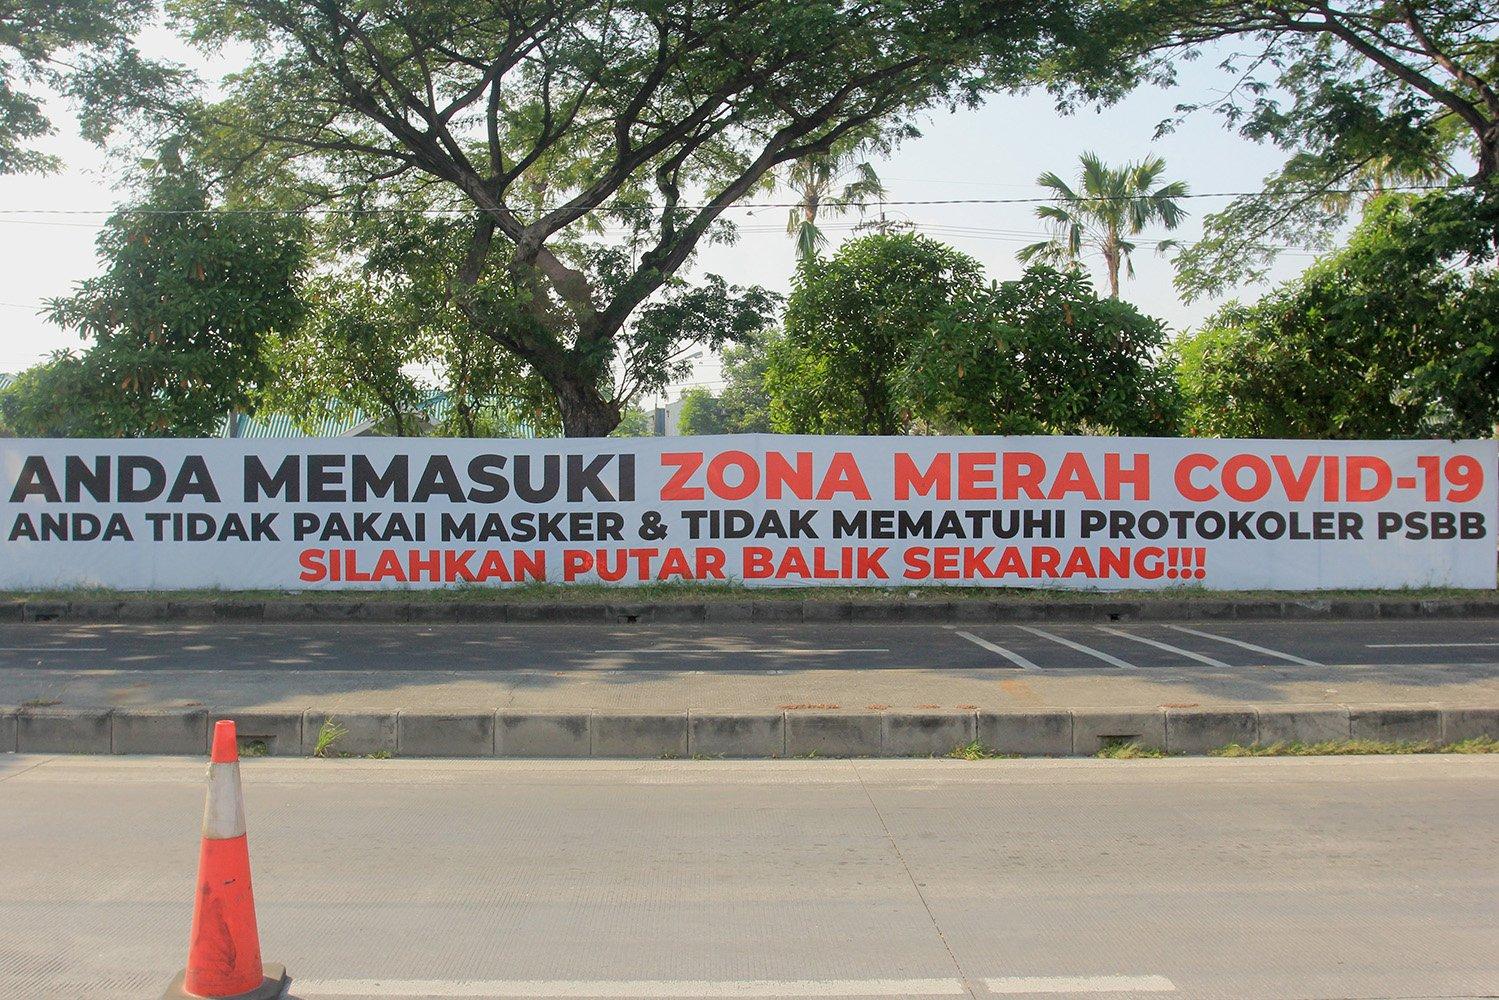 Sebuah spanduk bernada peringatan terpasang di pagar jalan di akses keluar Jembatan Suramadu, Surabaya, Jawa Timur.